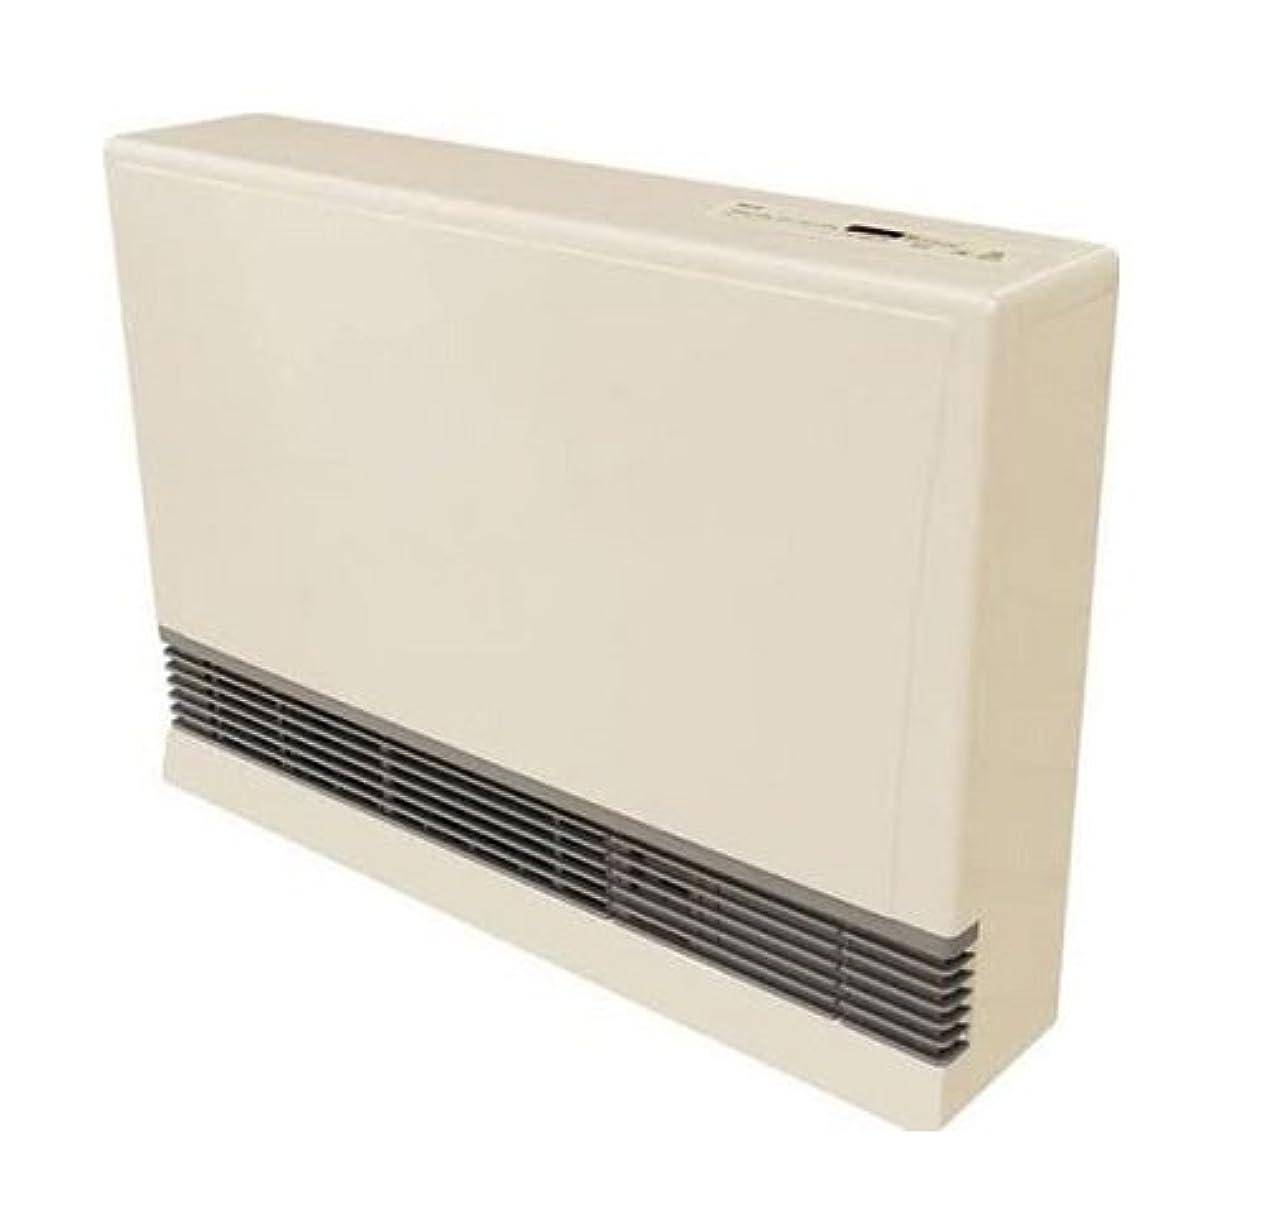 クリケット水平服を着るRinnai EX38CTLP Direct Vent Space Heater - Liquid Propane BEIGE, 141[並行輸入]